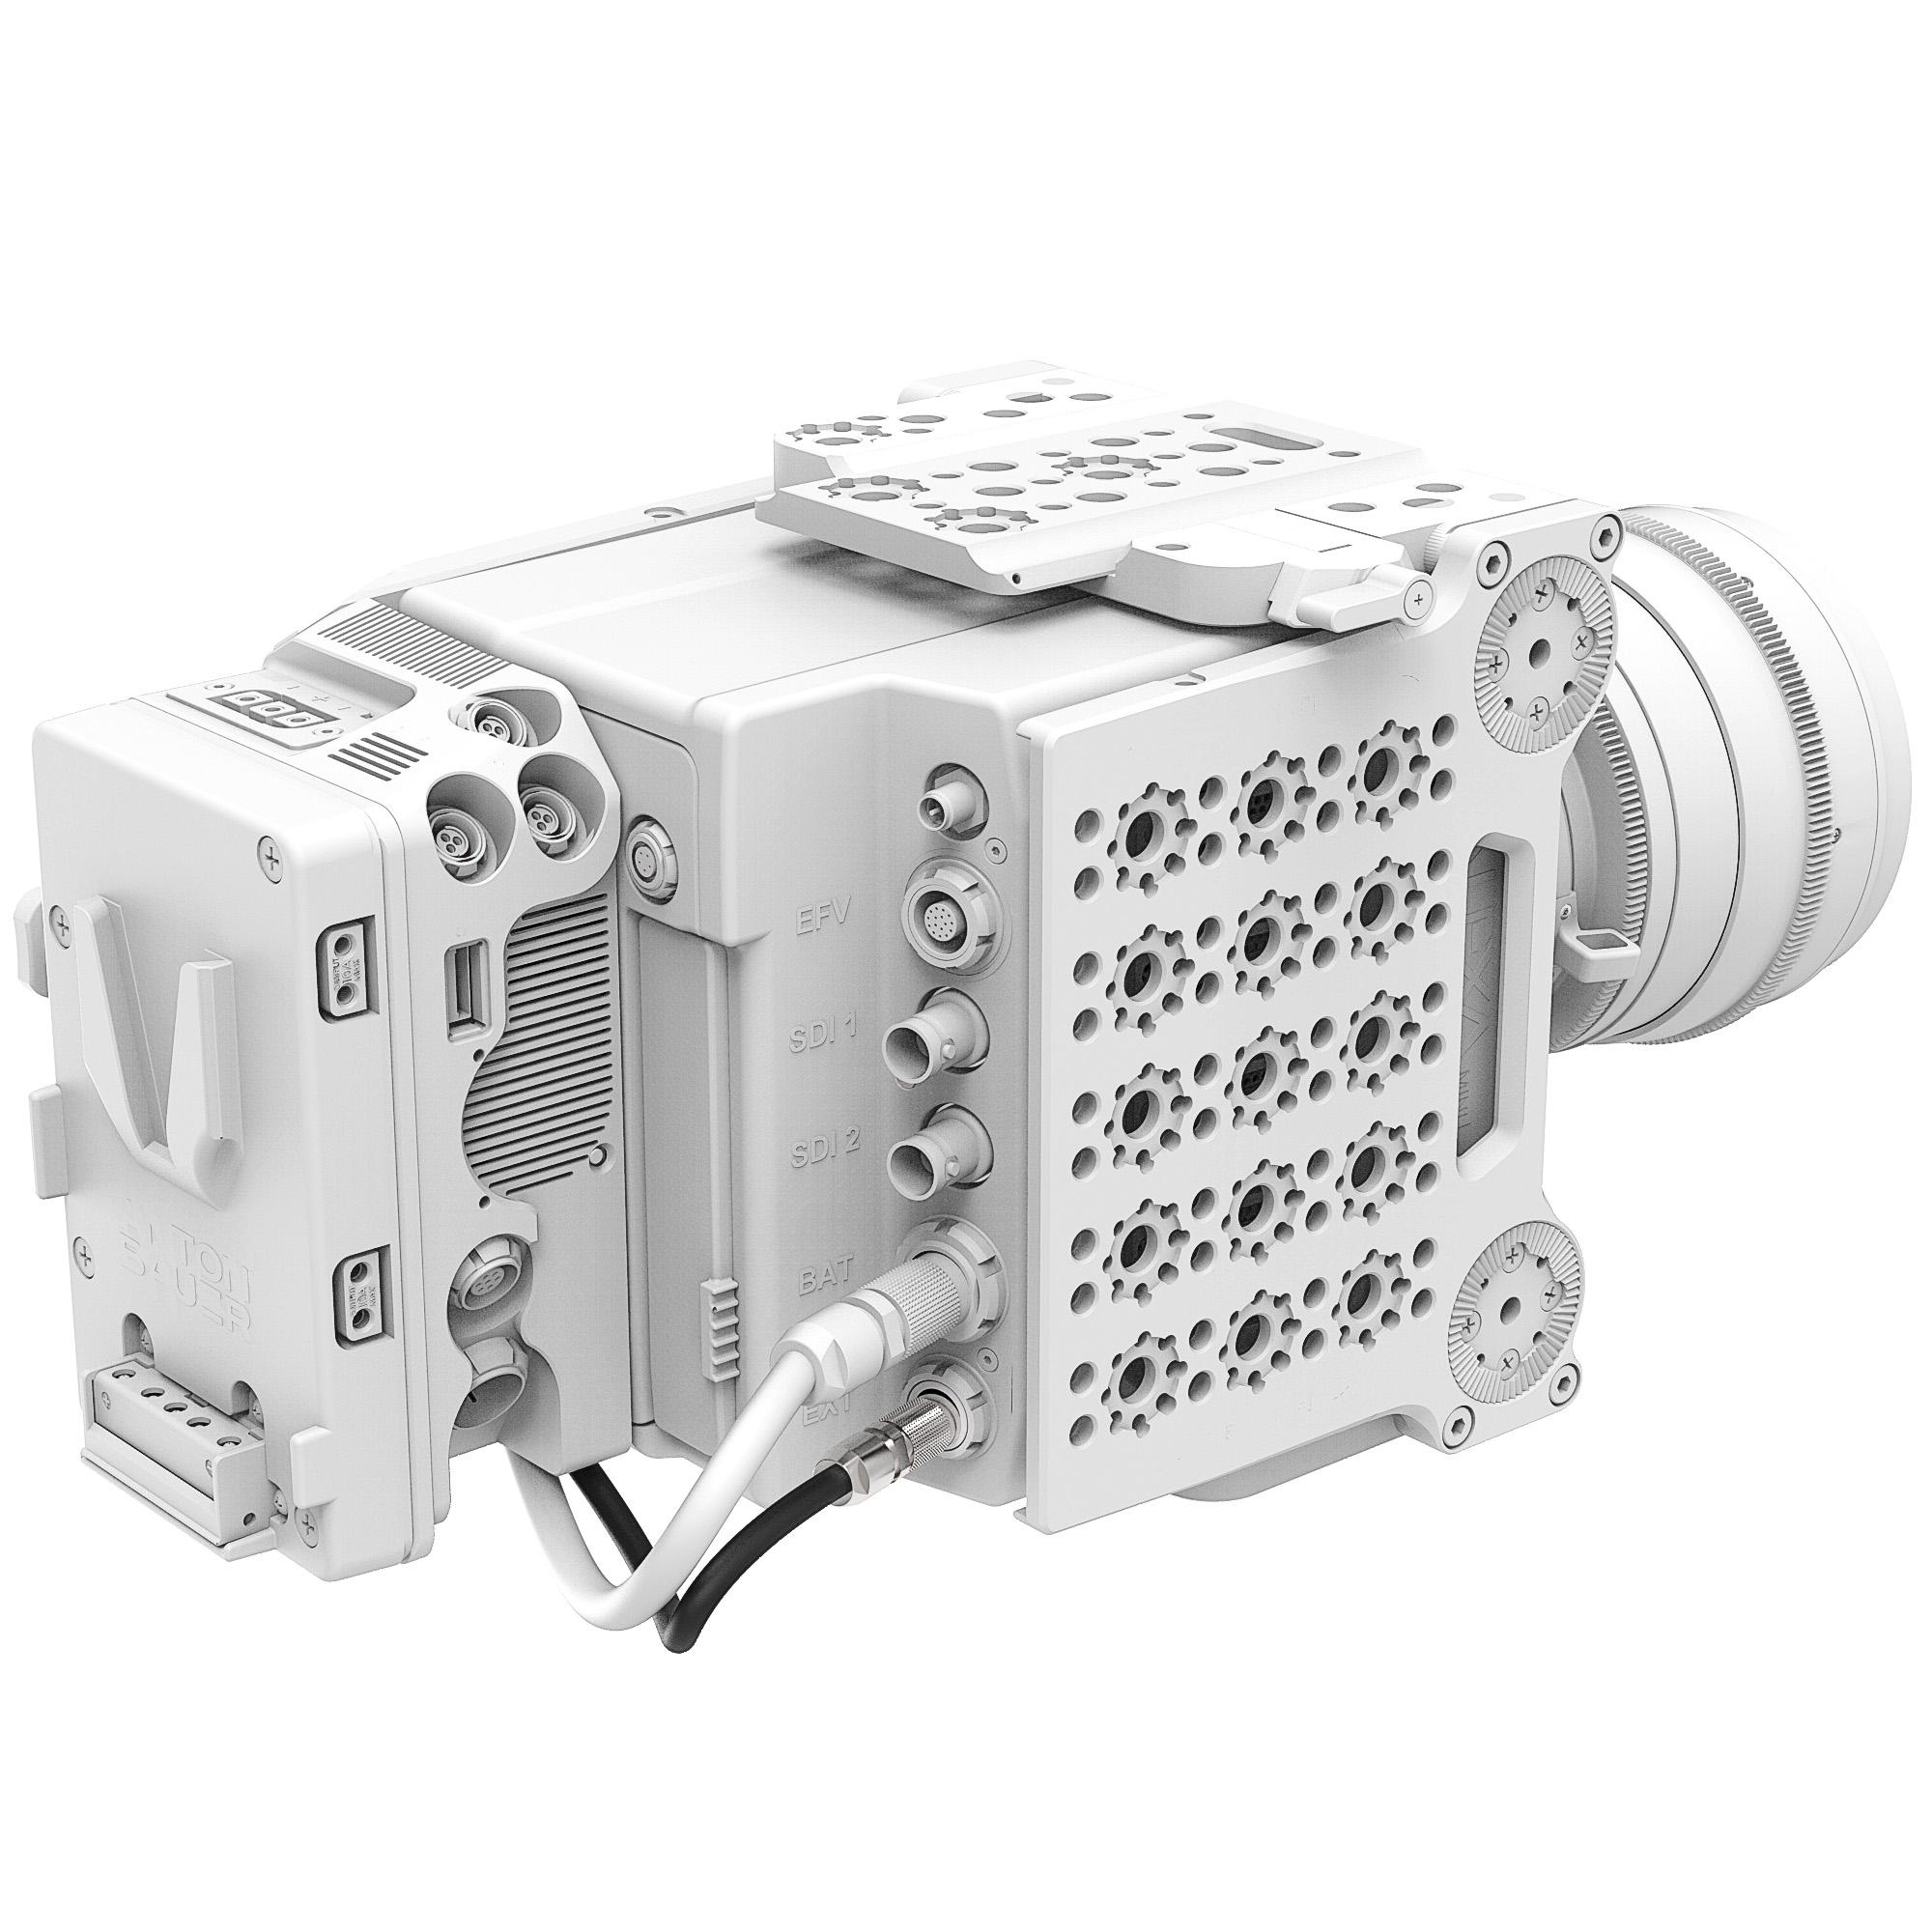 B4001.1010 Alexa Mini RunStop Trigger Cable 2